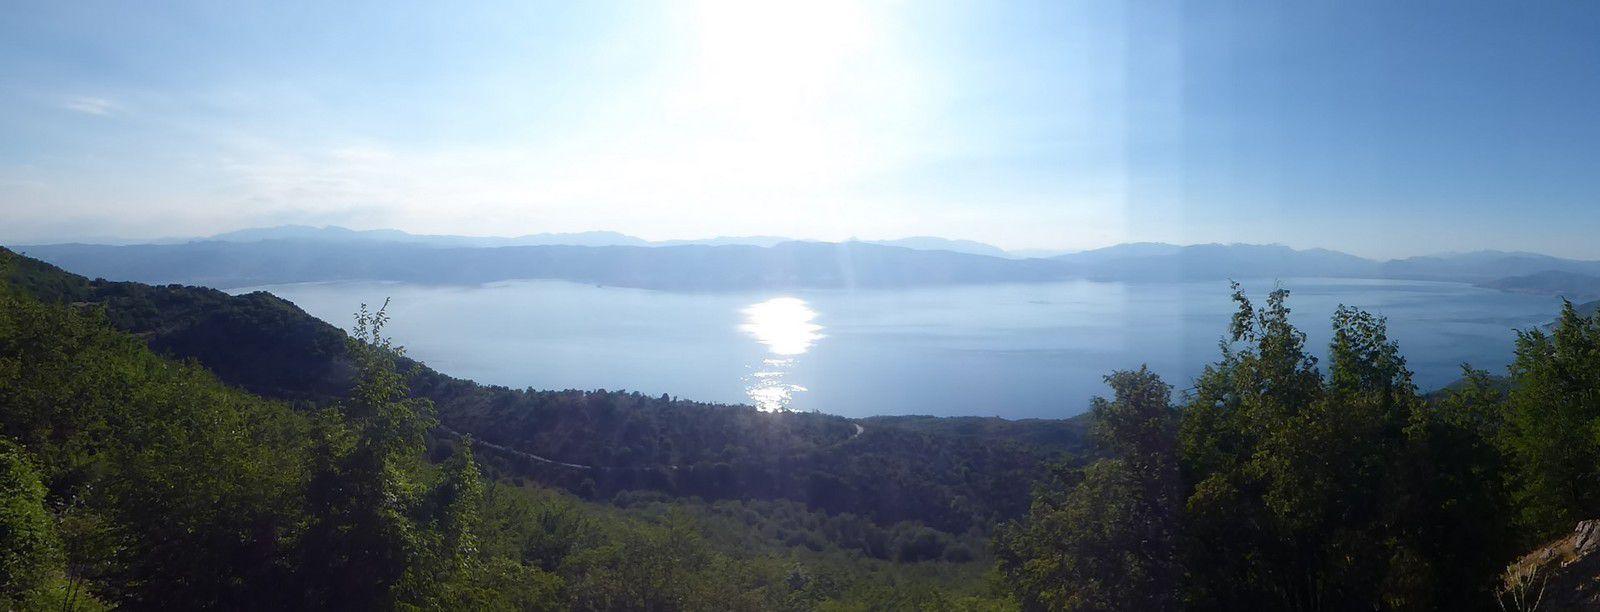 Dimanche 2 août 2020 - J14 - La Macédoine (du Nord...)